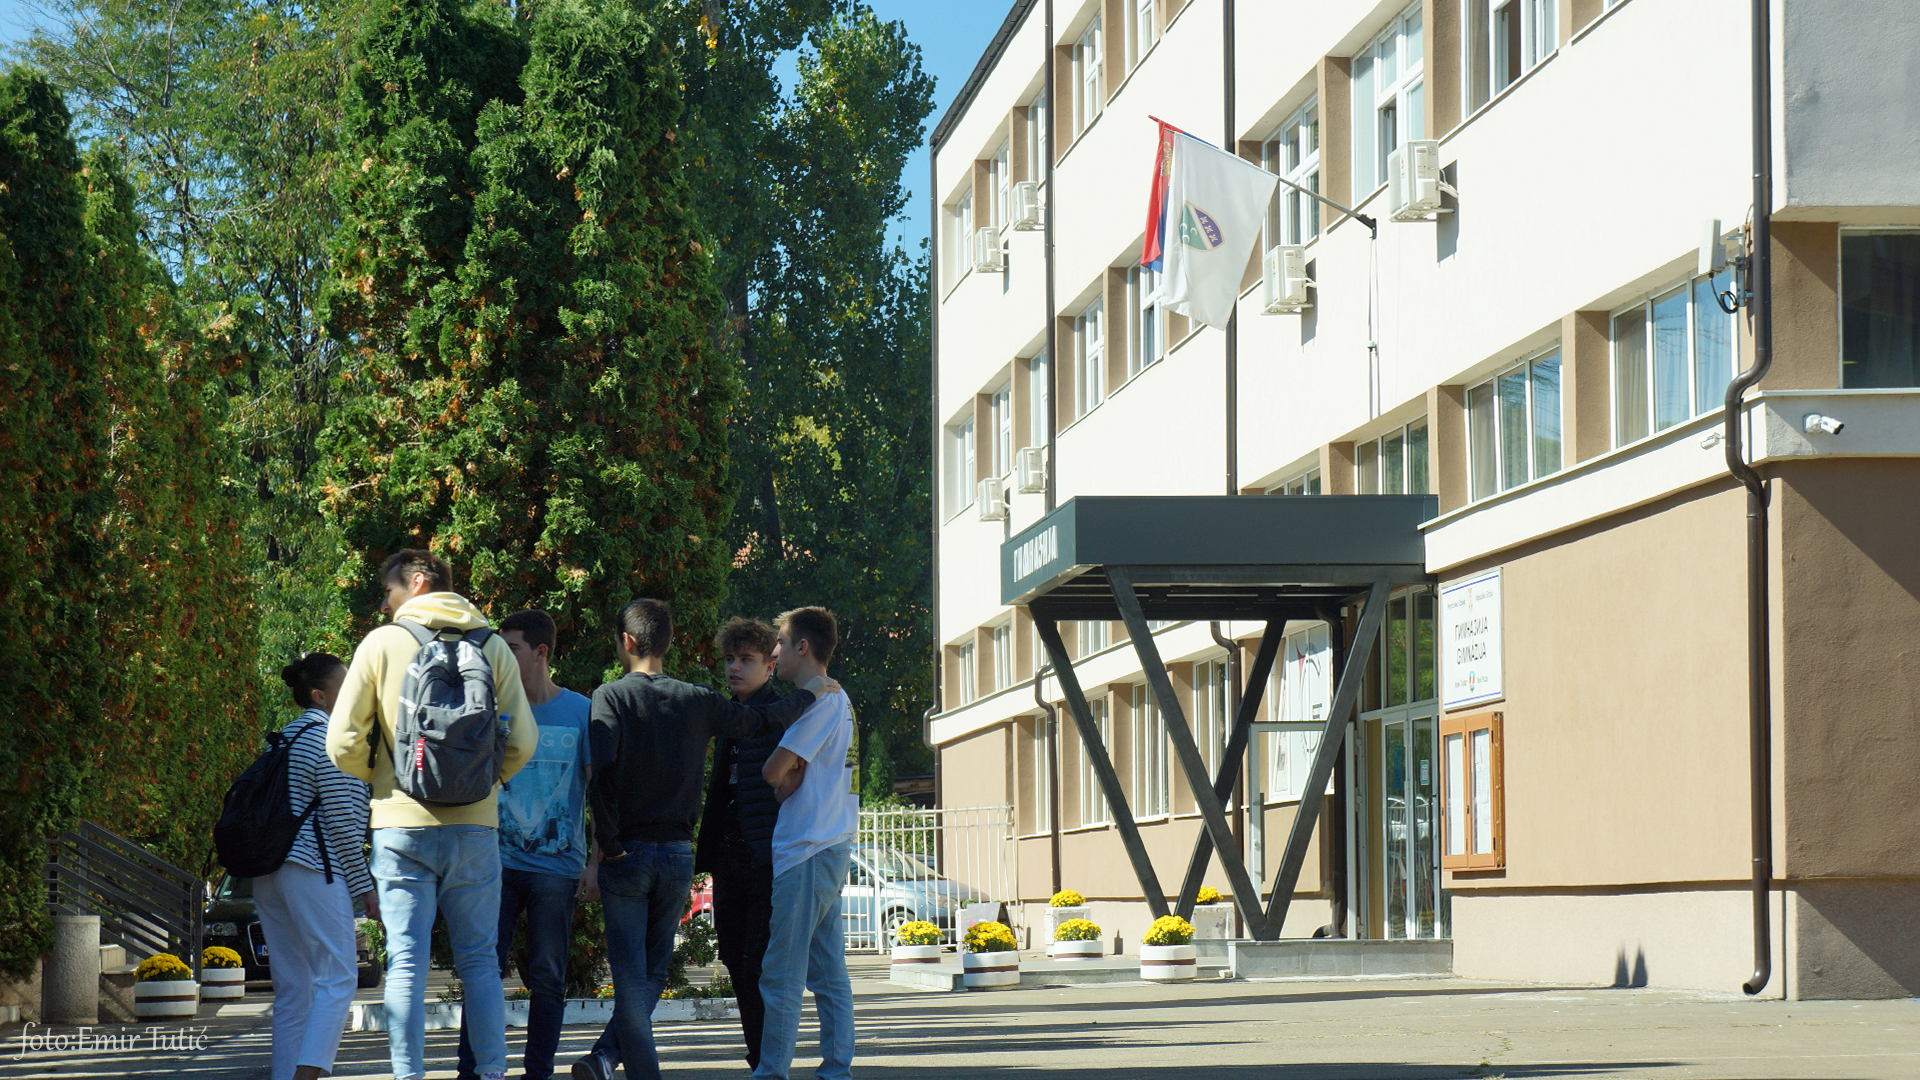 Gimnazija srednja škola učenici